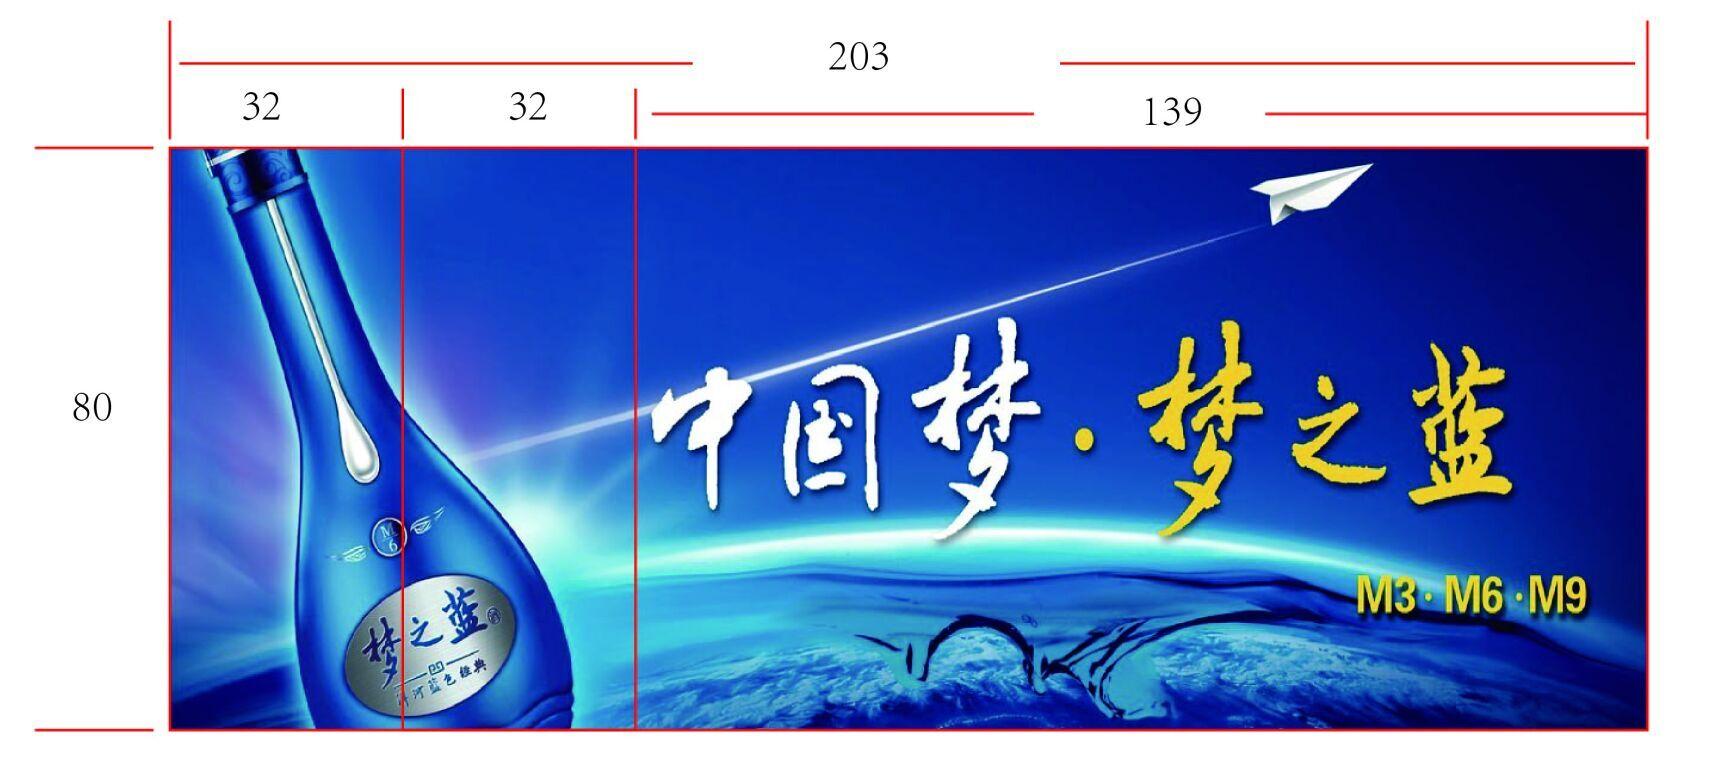 扬泰机场登机牌(65万张/年 日均1800)